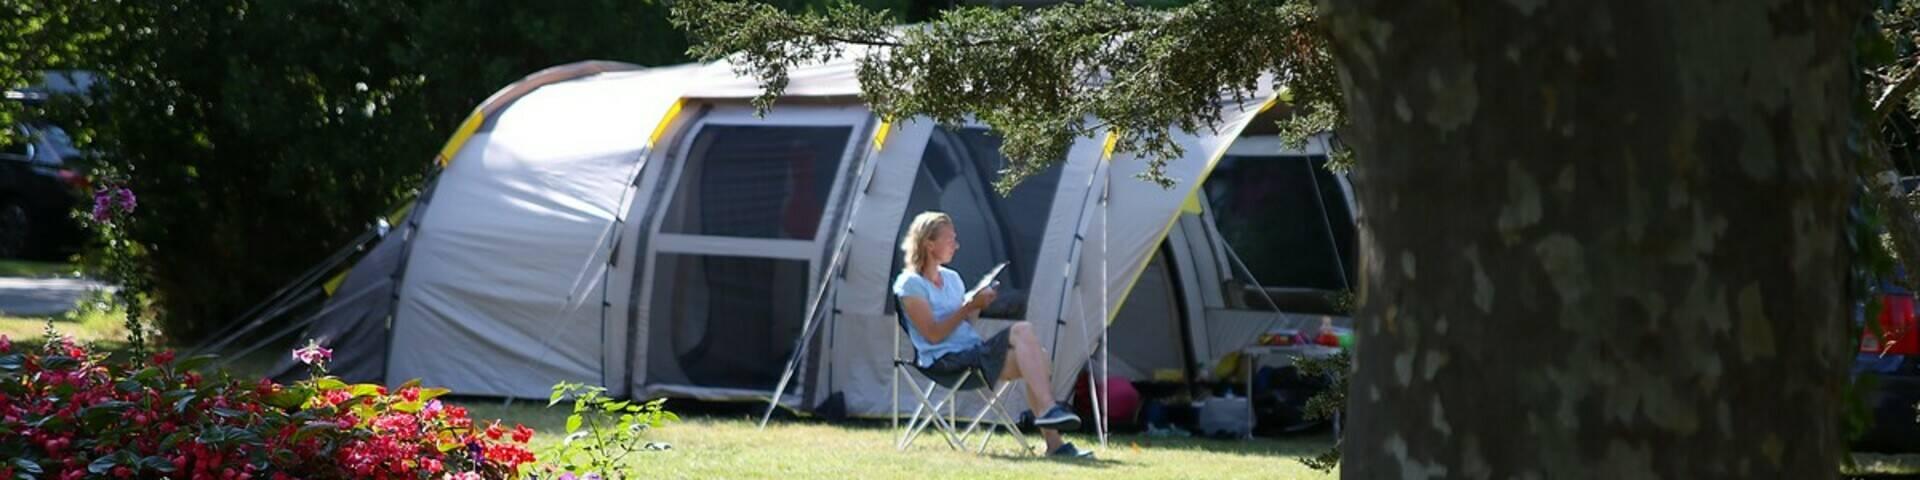 Lezen bij de tent